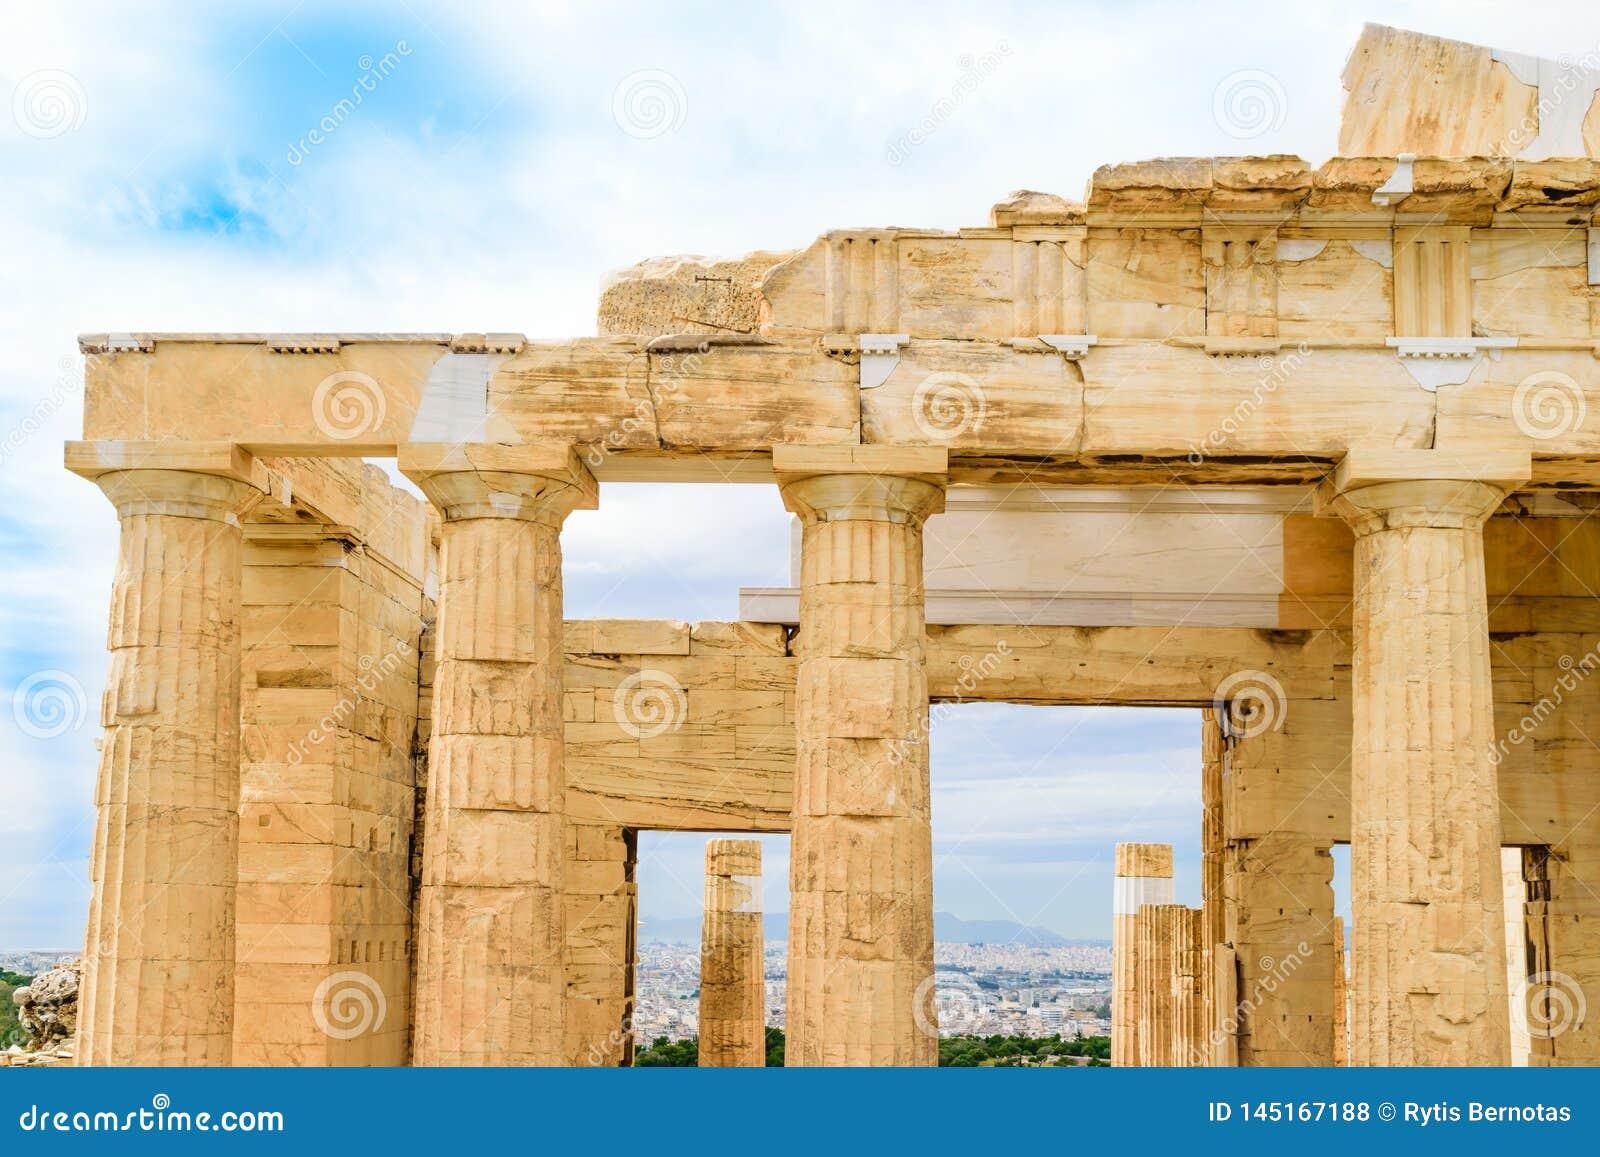 Μνημειακές πύλες Propylaea στην ακρόπολη στην Αθήνα